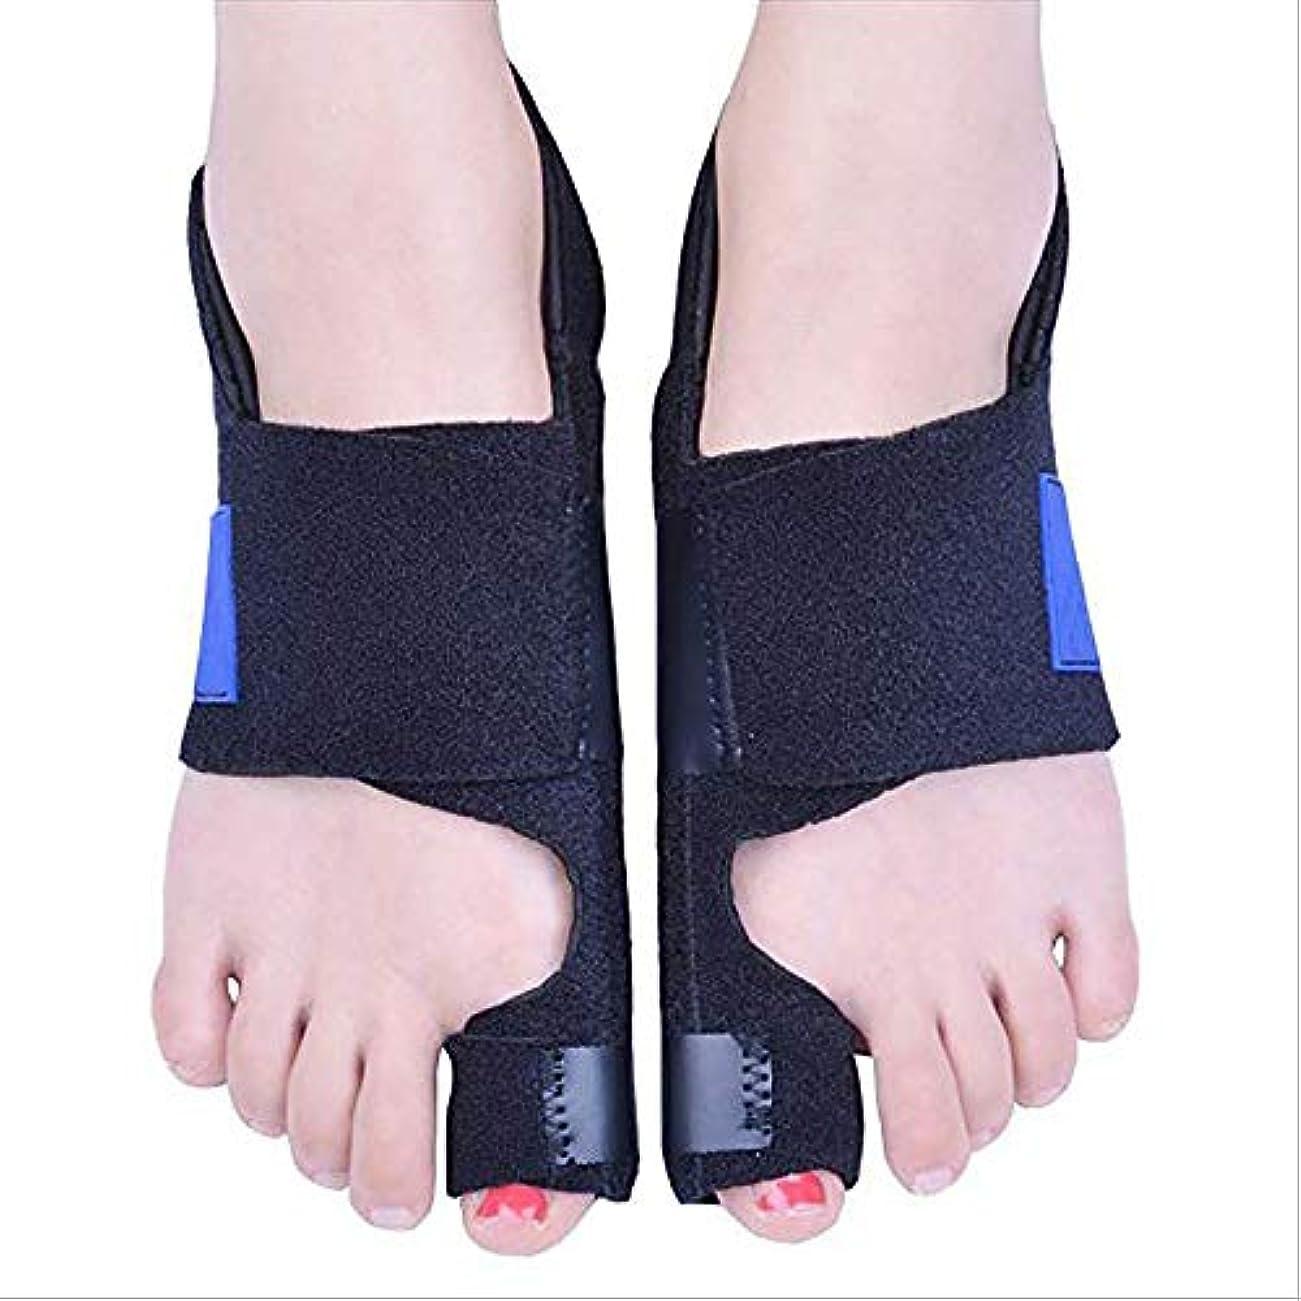 メンターリズミカルなルビー整形外科用フットサポートトゥセパレーター、Thumb valgus pain補正装置、昼夜を問わず携帯マッサージ保護姿勢で、すぐに痛みを軽減,Black